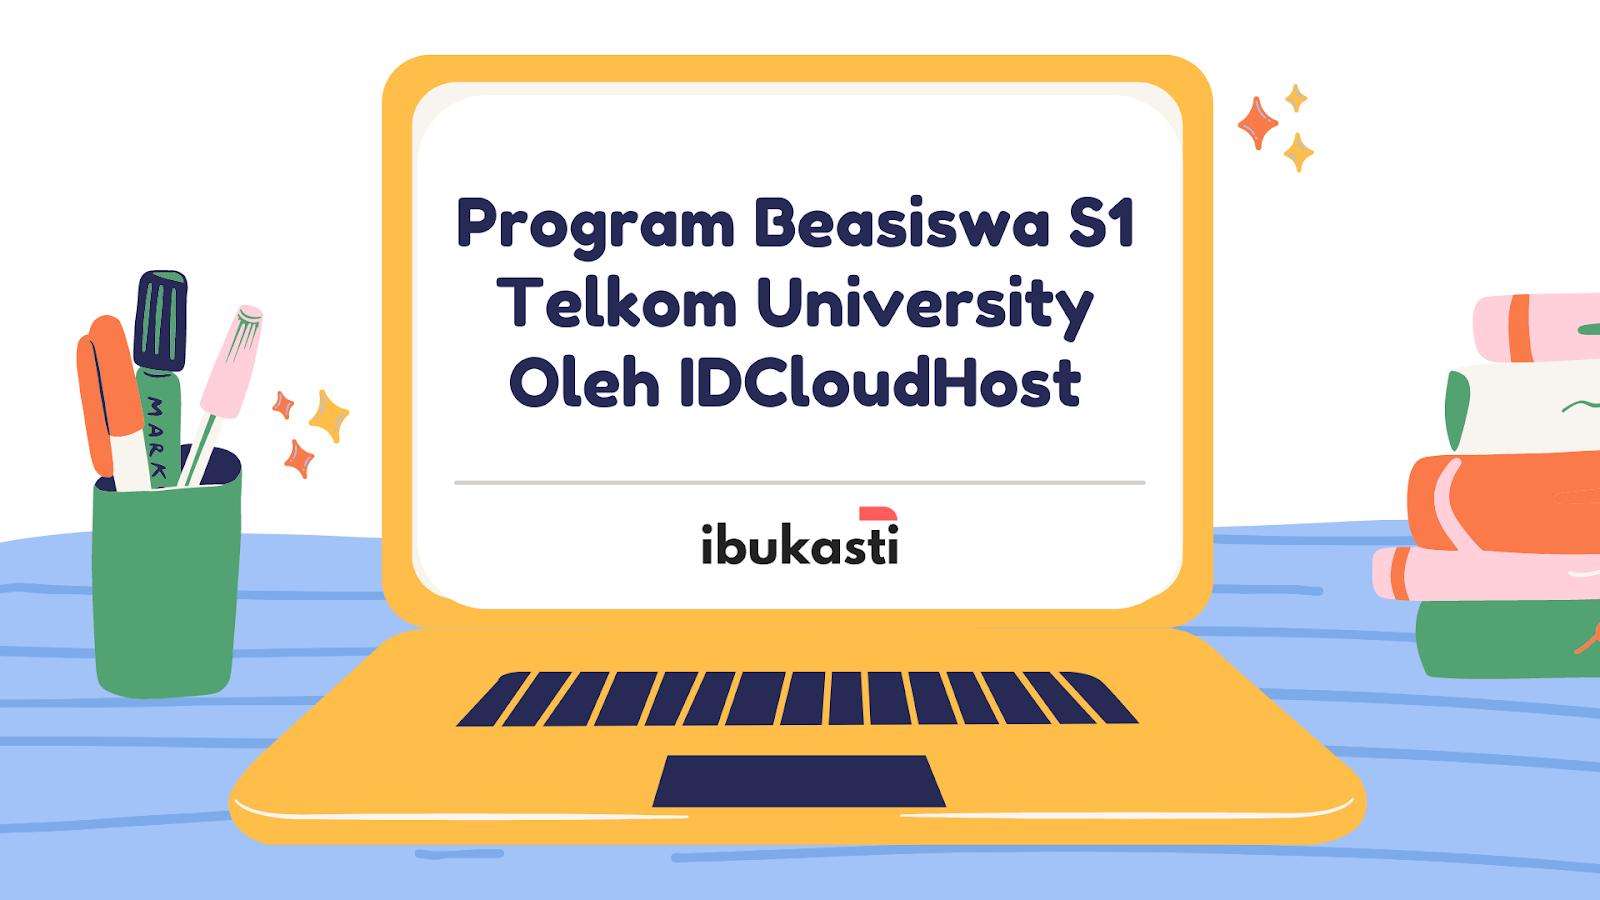 Gambar Program Beasiswa S1 Telkom University